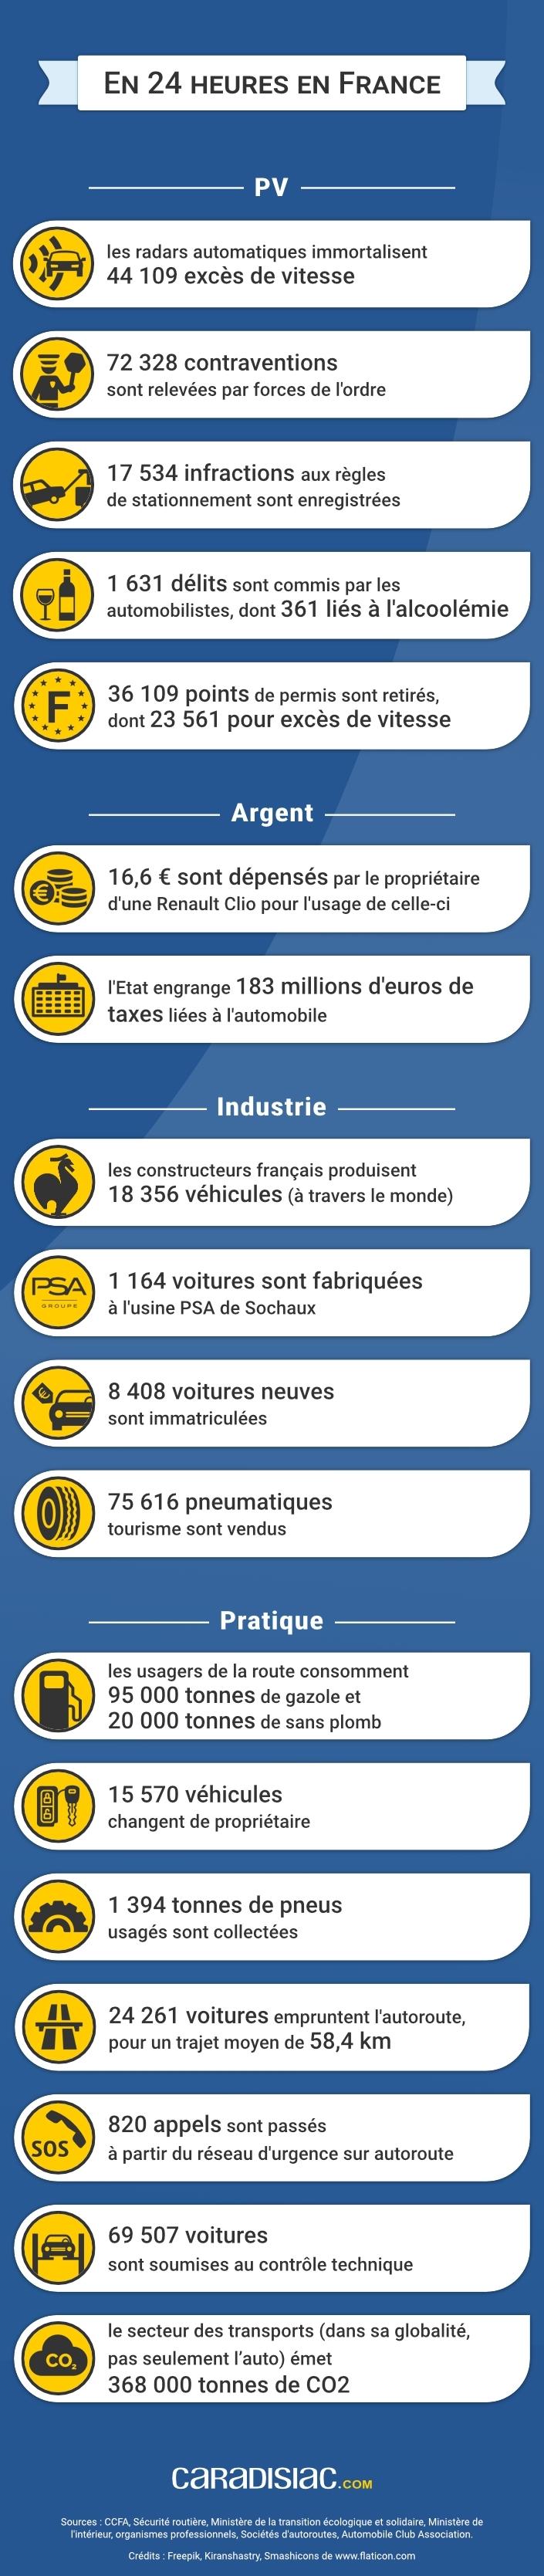 Enquête - 24 heures d'automobile en France: des chiffres fous